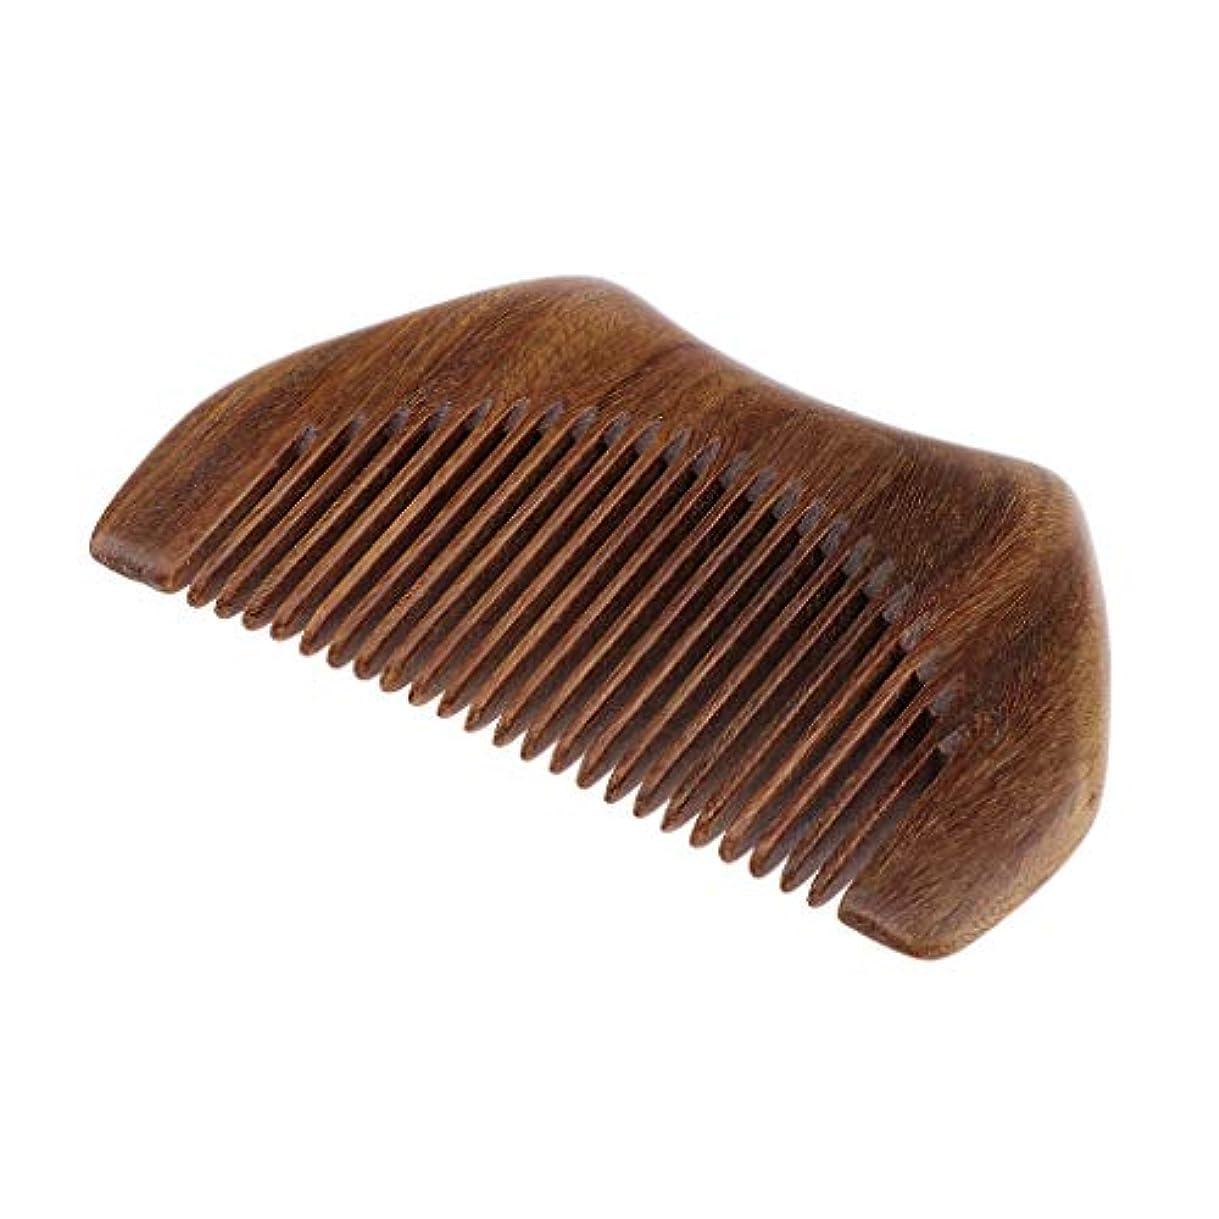 ガチョウしなやかメドレーヘアコーム 木製櫛 静電気防止櫛 ヘアサロン くし